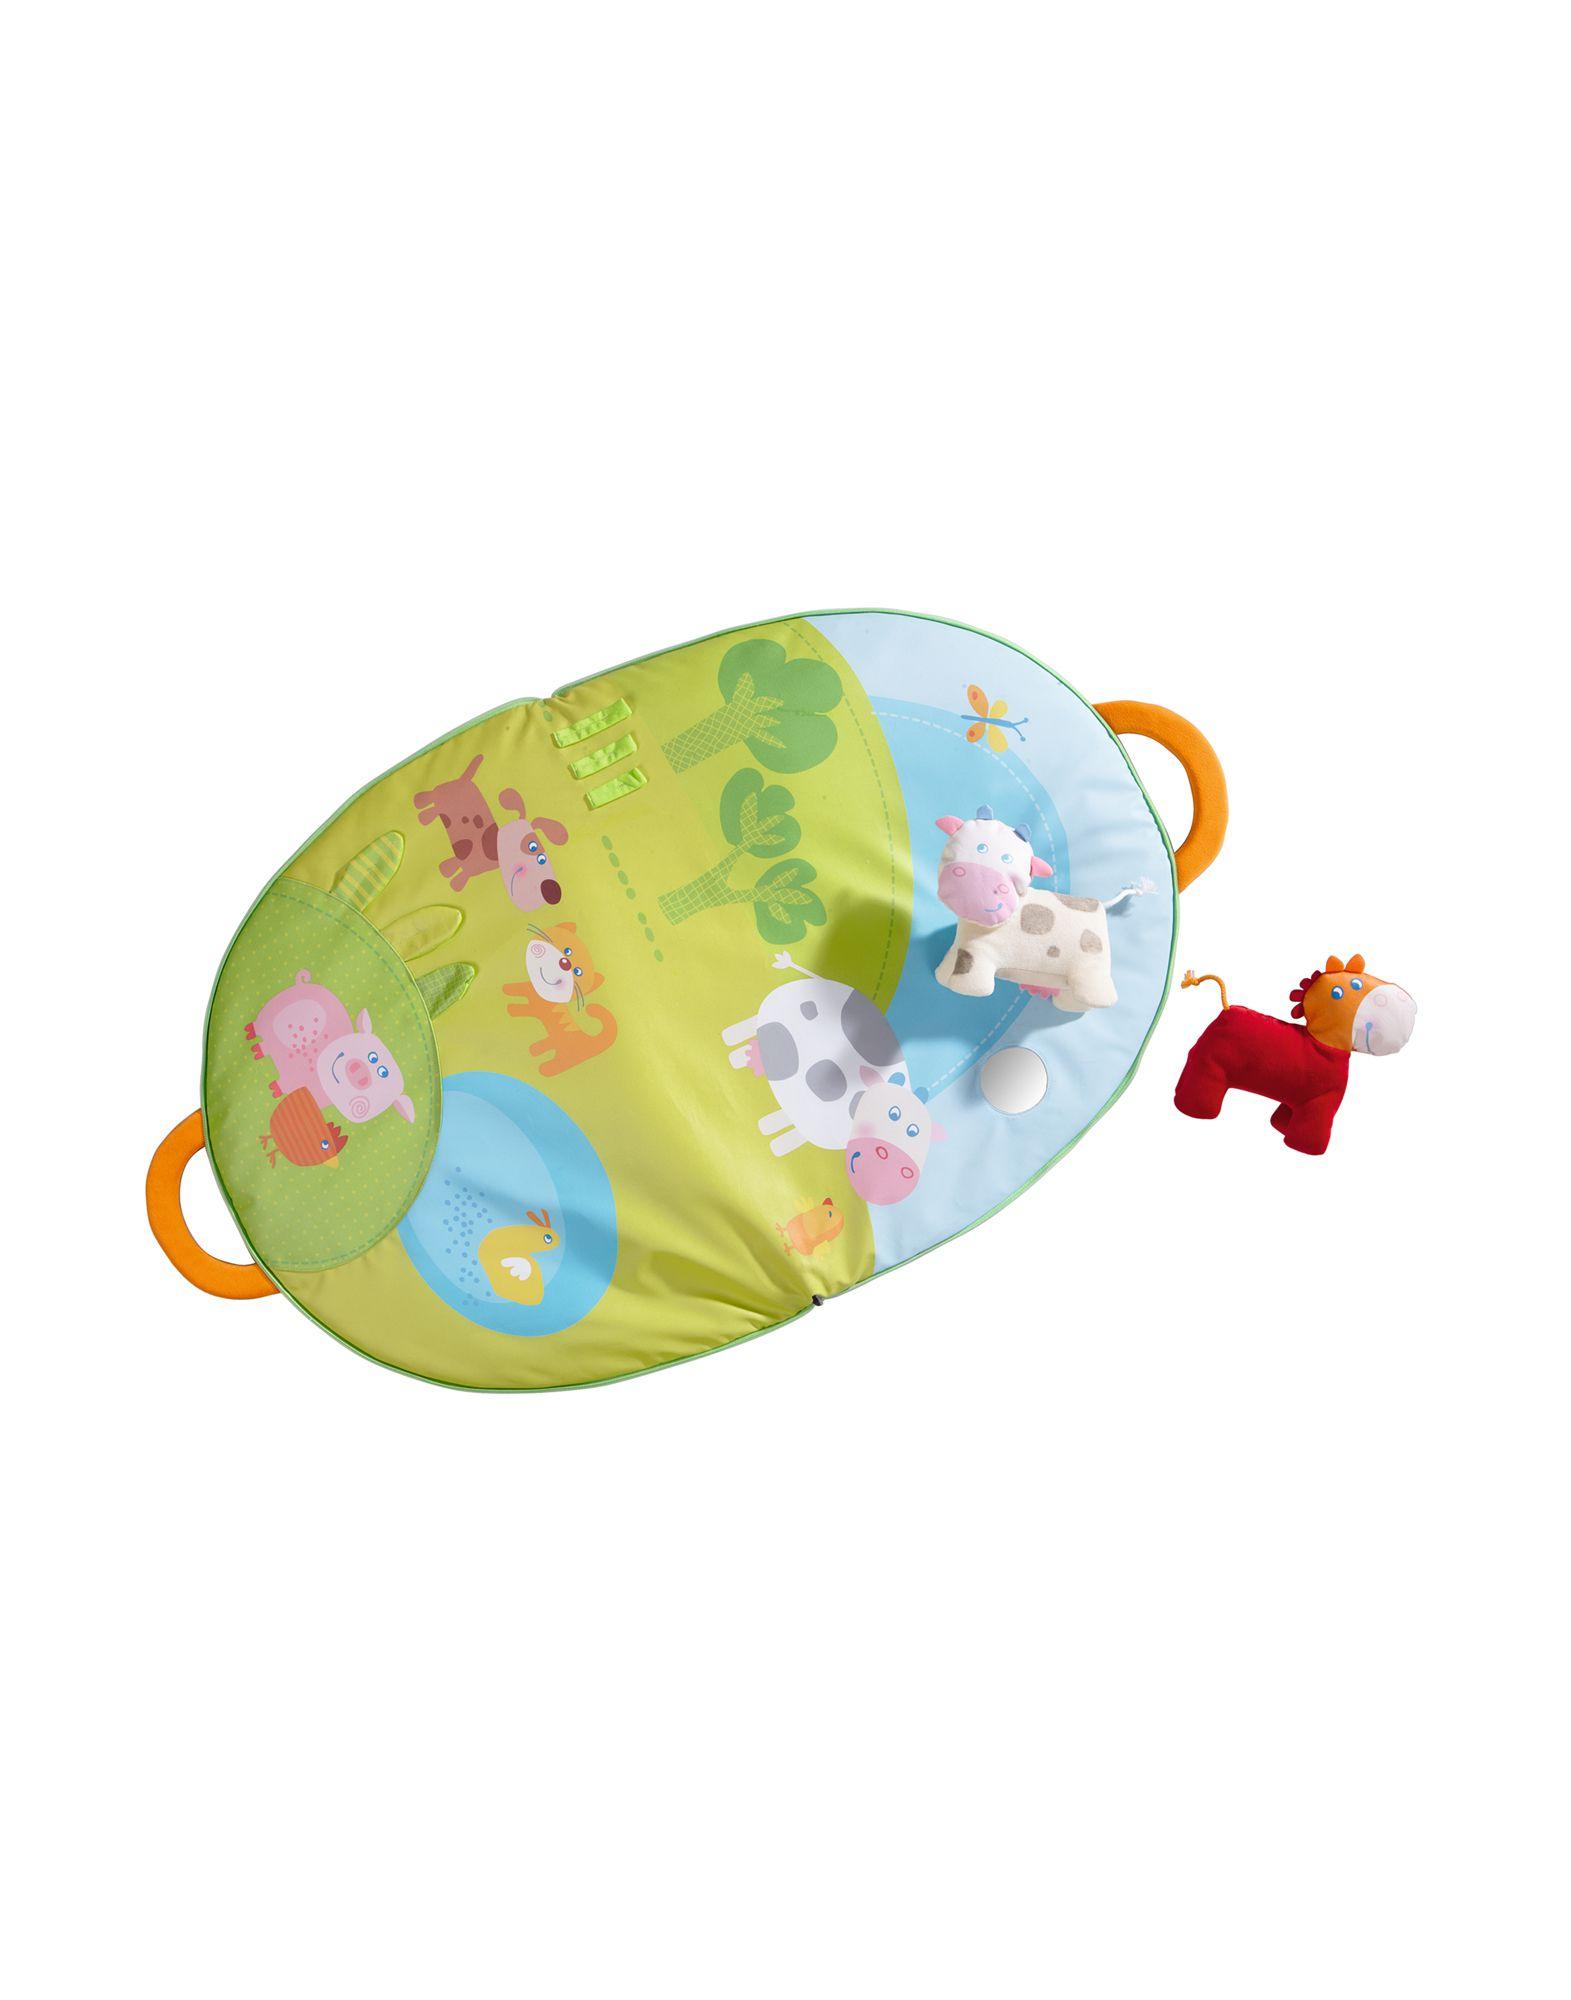 HABA Игрушки для малышей haba палатка игровая haba экспедиция арт 7725